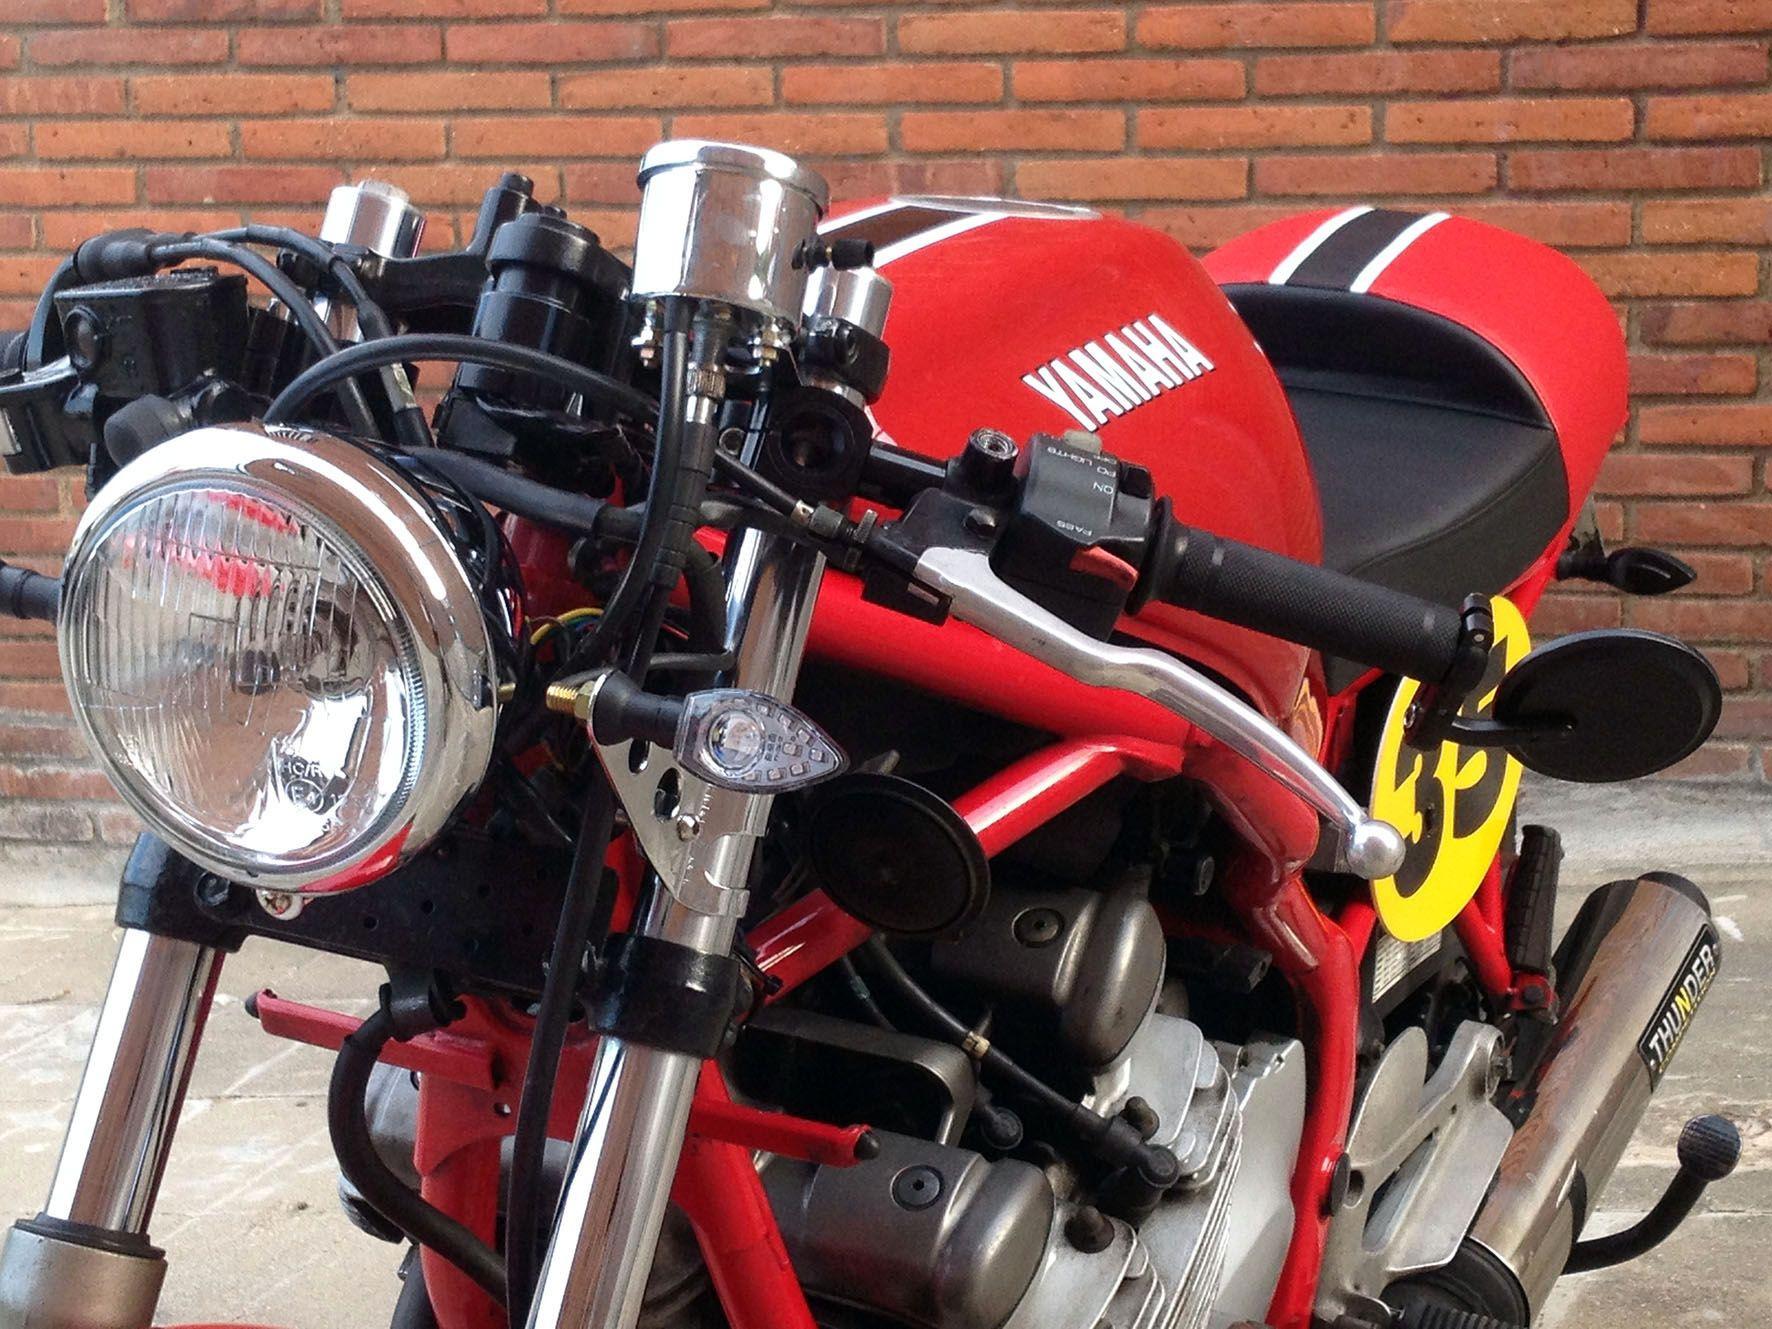 yamaha diversion cafe racer diversion 600 moto. Black Bedroom Furniture Sets. Home Design Ideas